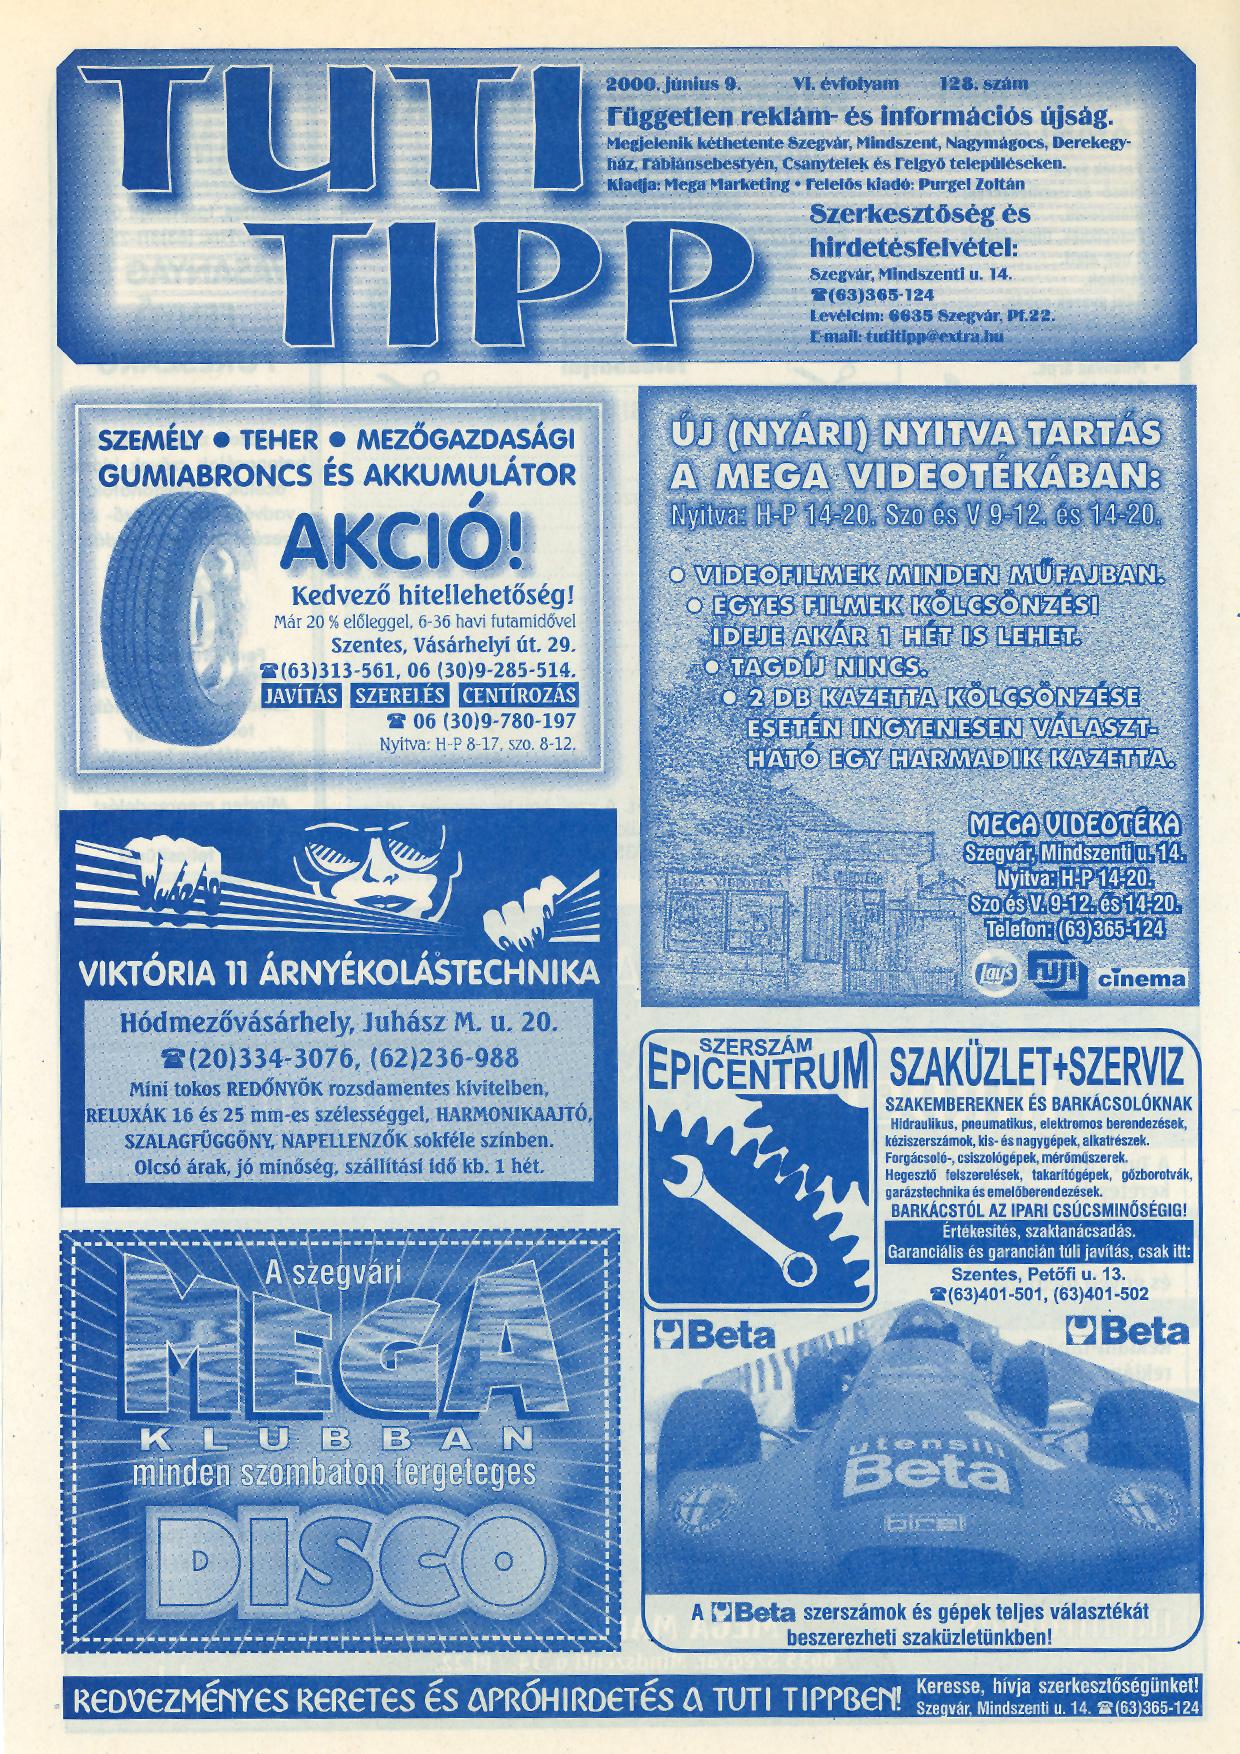 009 Tuti Tipp reklámújság - 20000609-128. lapszám - 1.oldal - VI. évfolyam.jpg